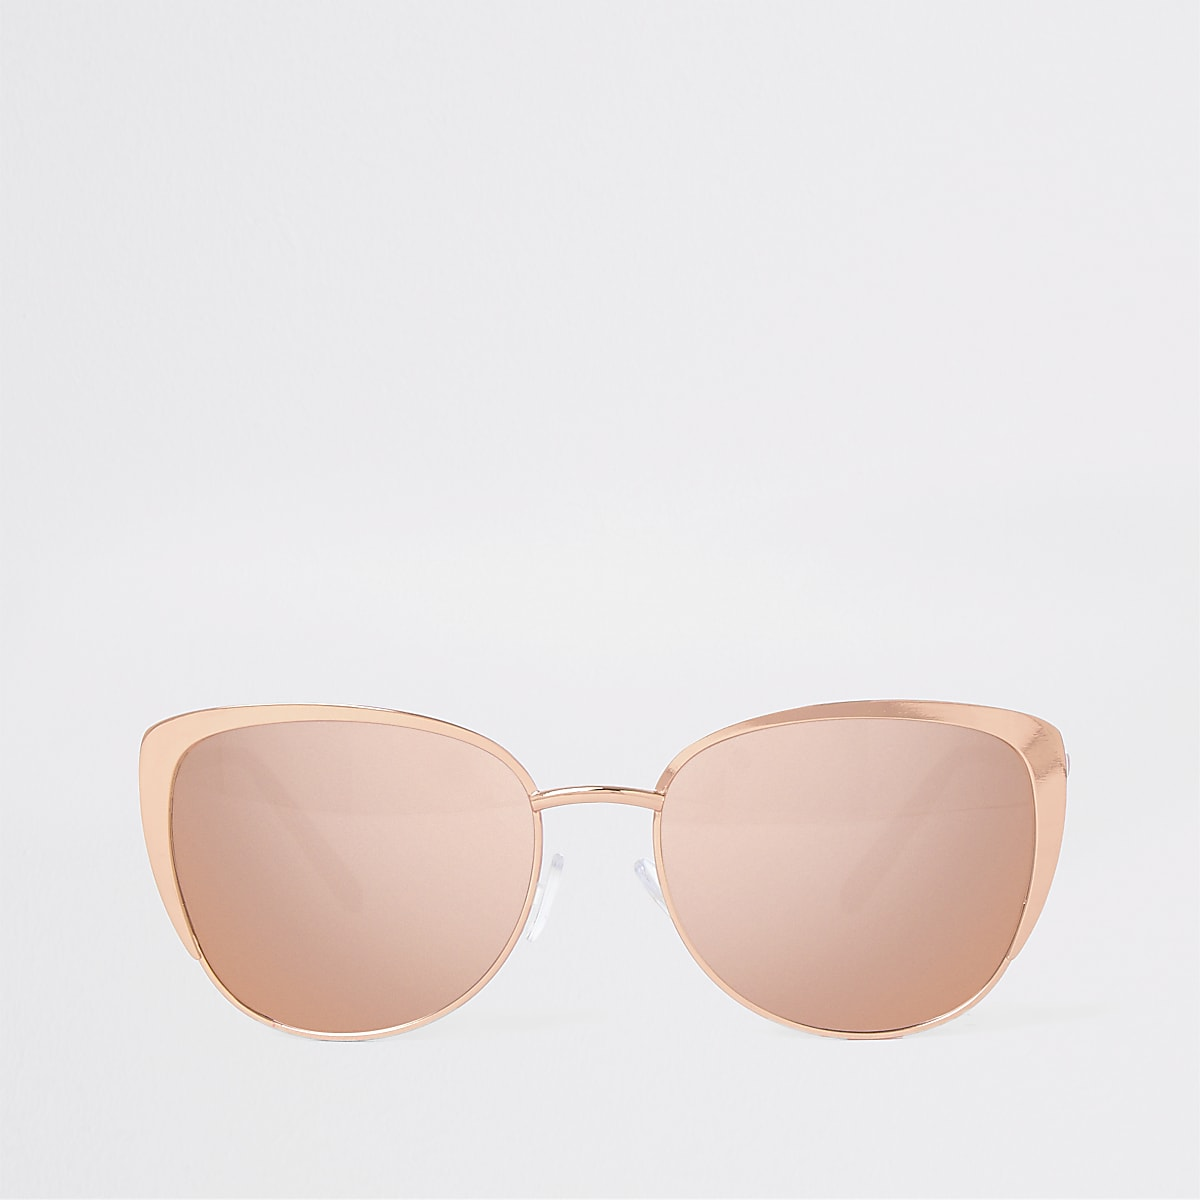 Gold tone cat eye sunglasses